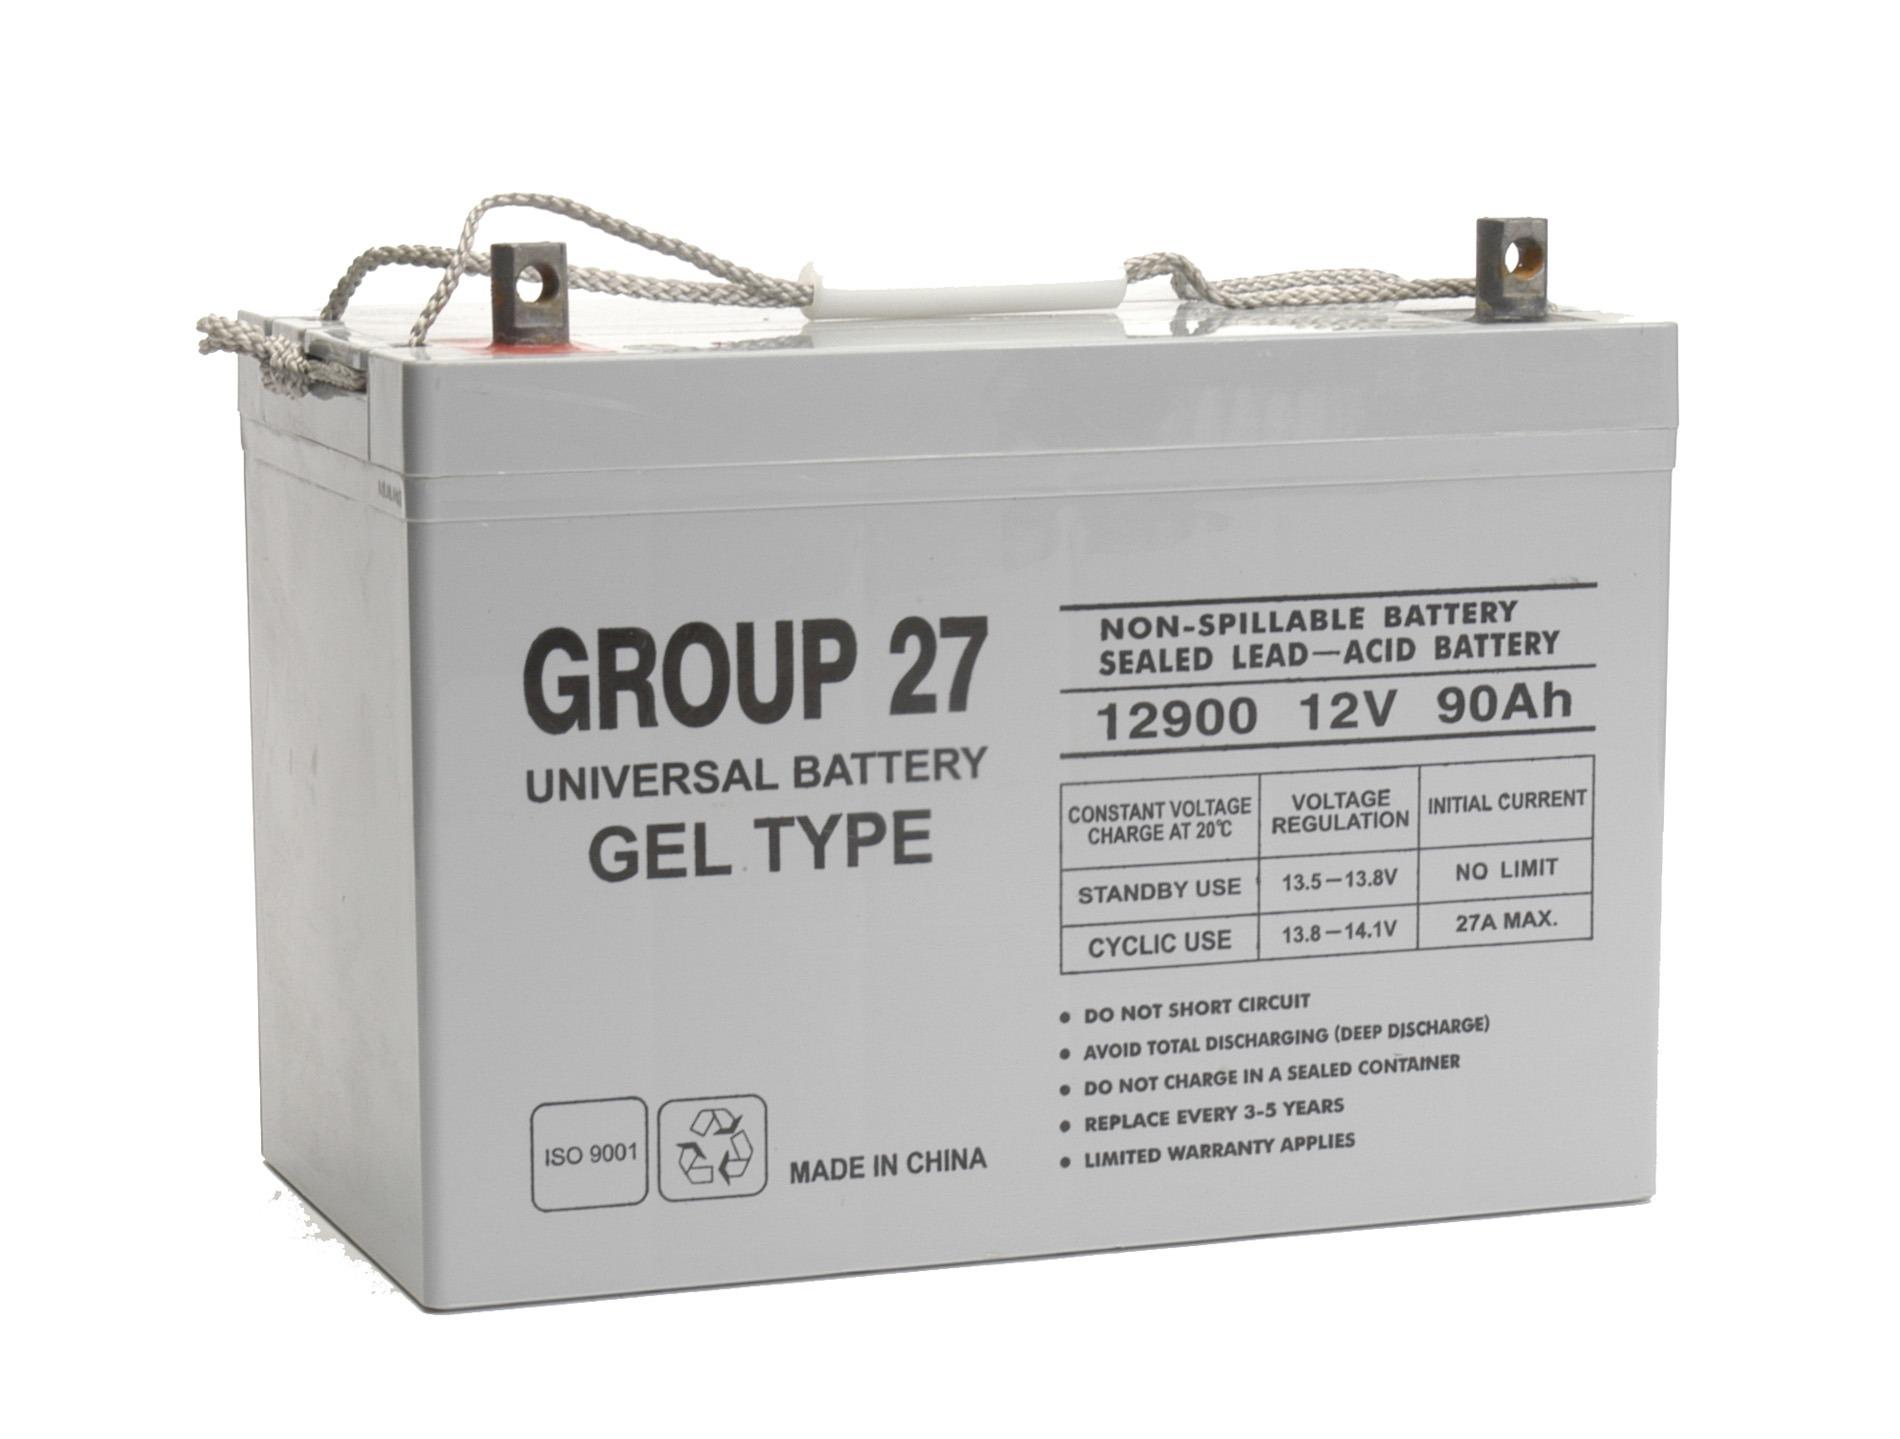 12v 90ah (Group 27) Gel Battery for Dehler 32 New Wave Yachts